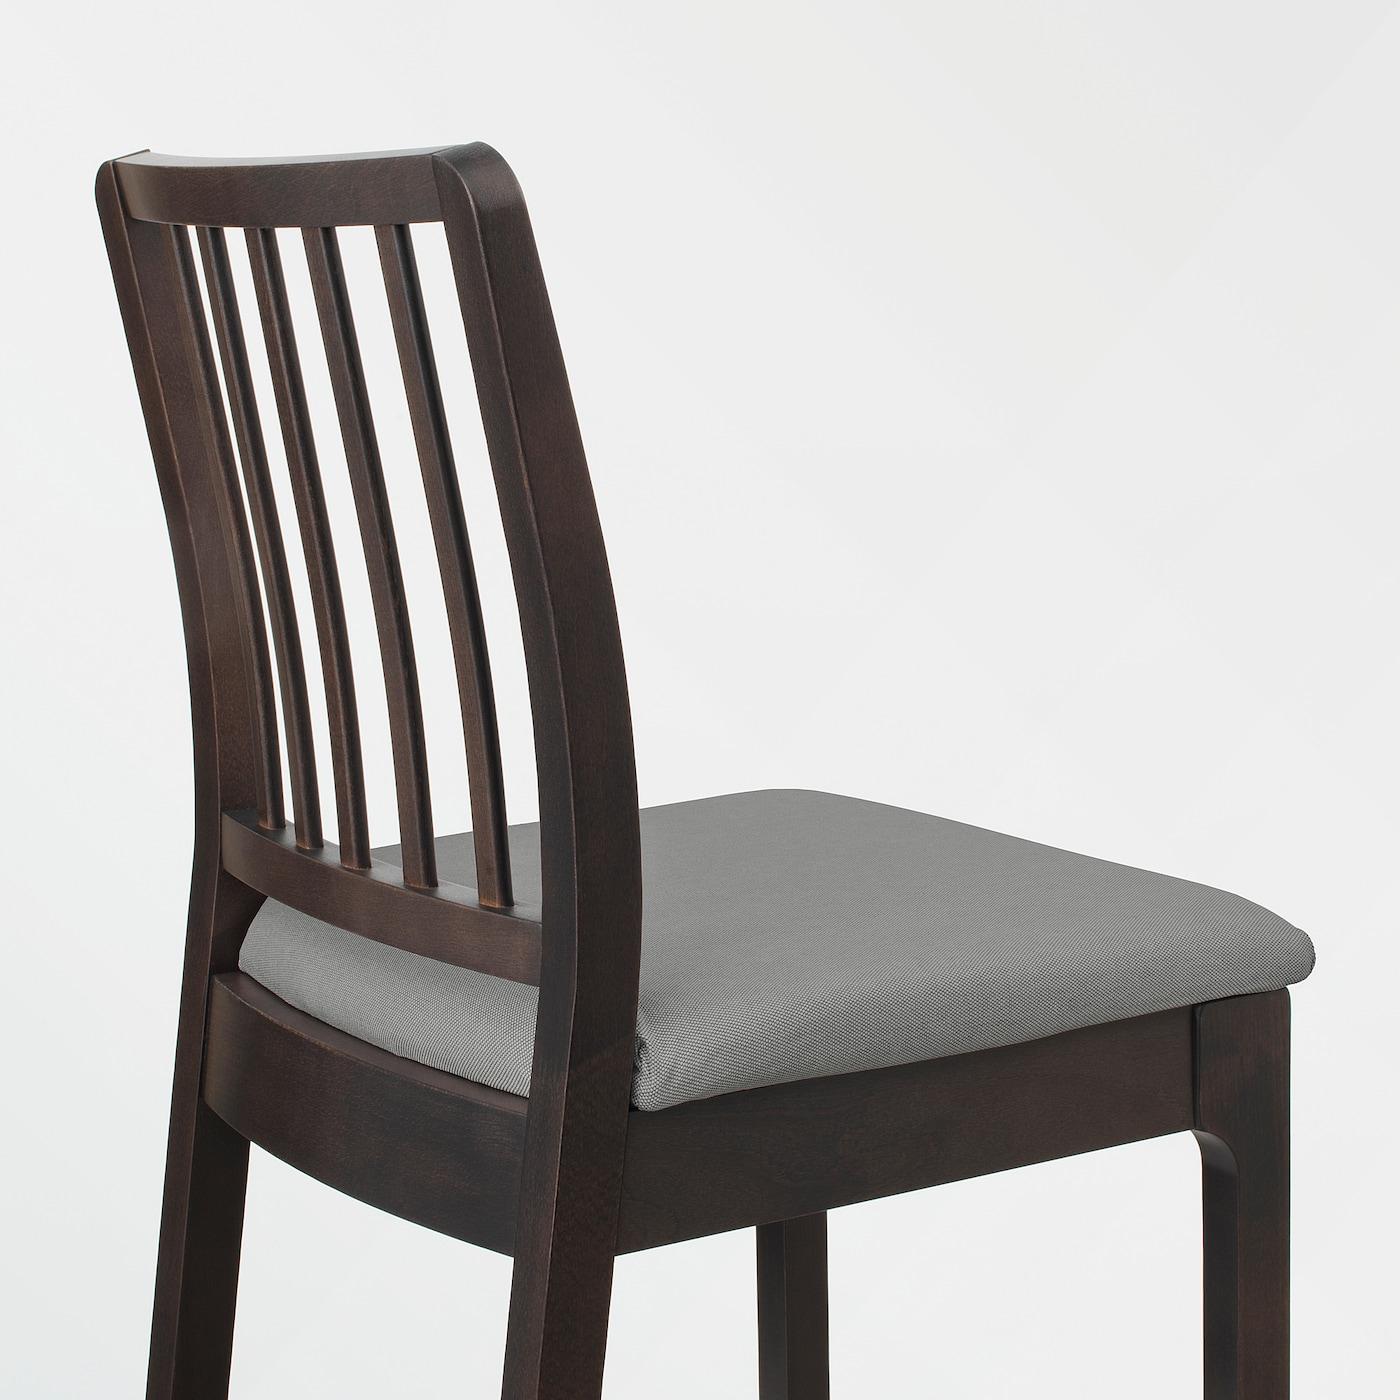 EKEDALEN Barstol brunOrrsta lys grå IKEA